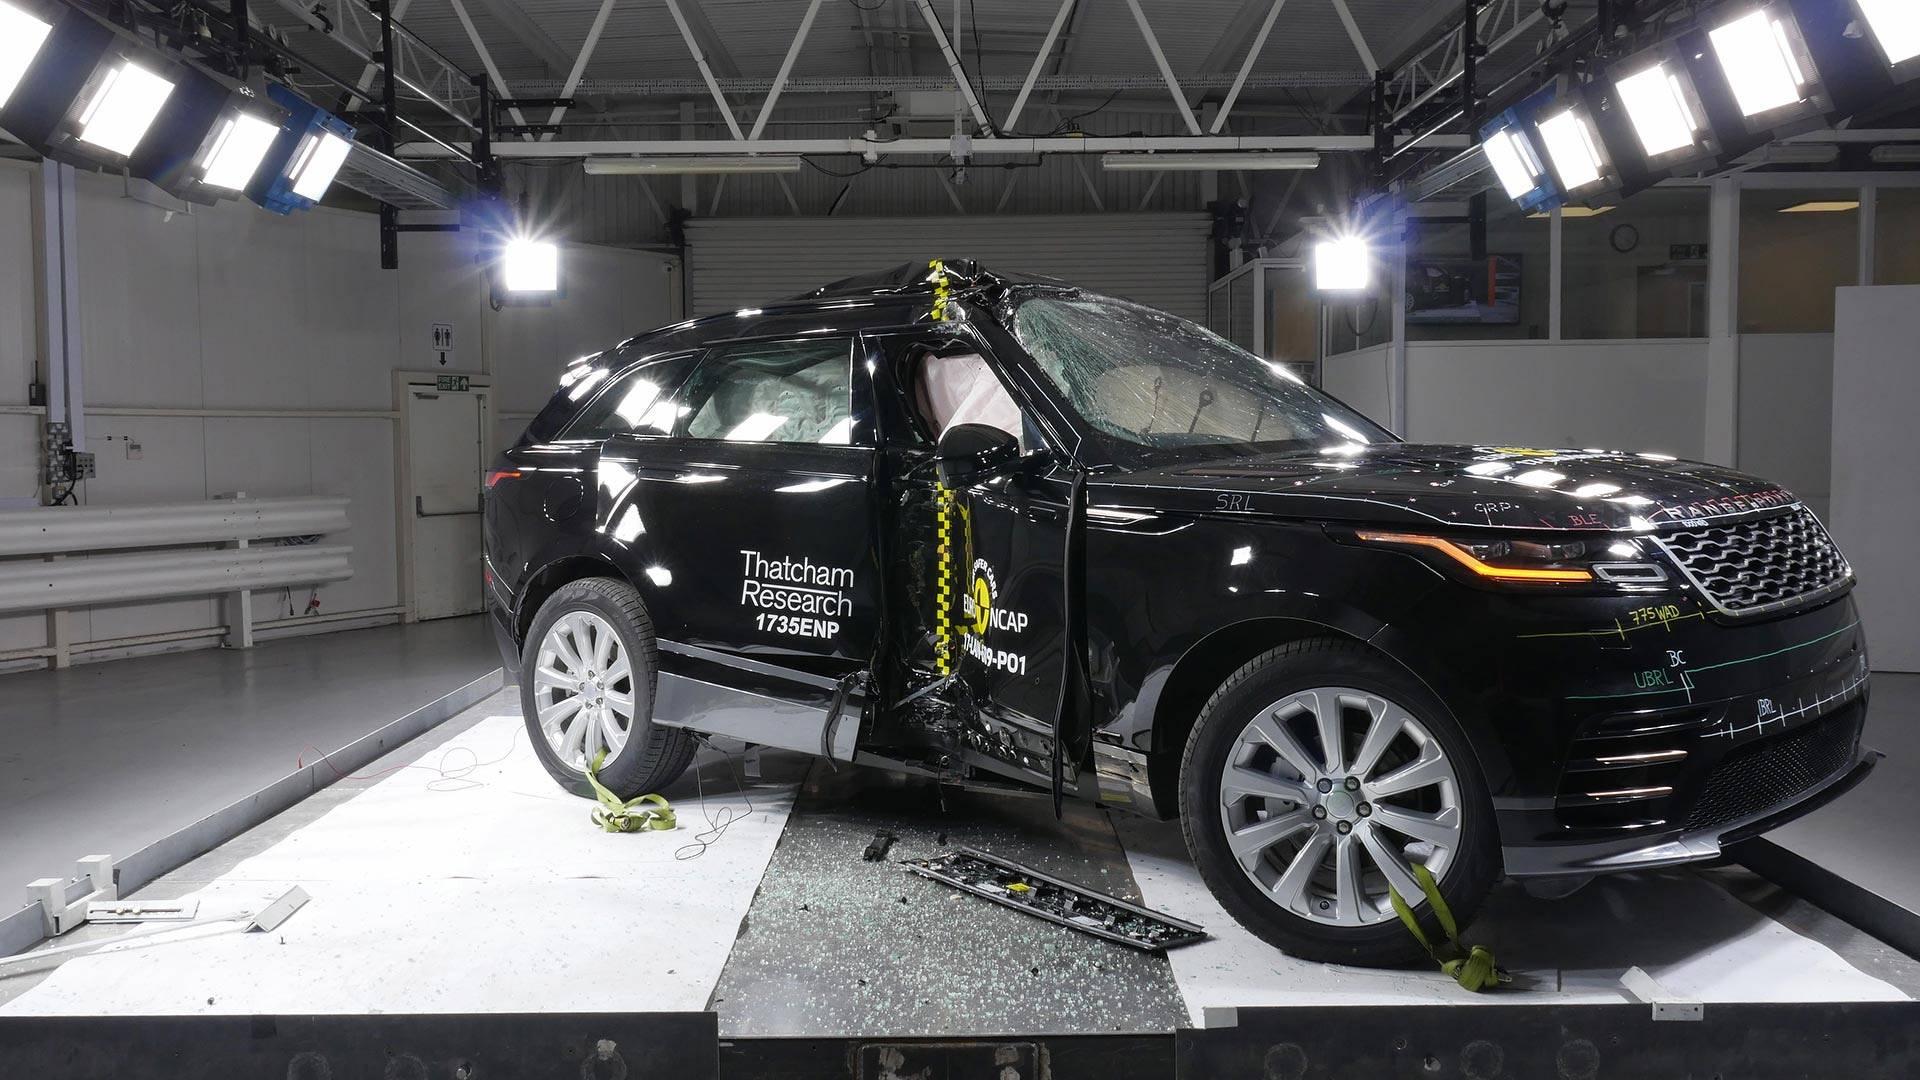 Продажи нового кроссовера Range Rover Velar начались вРеспублике Беларусь